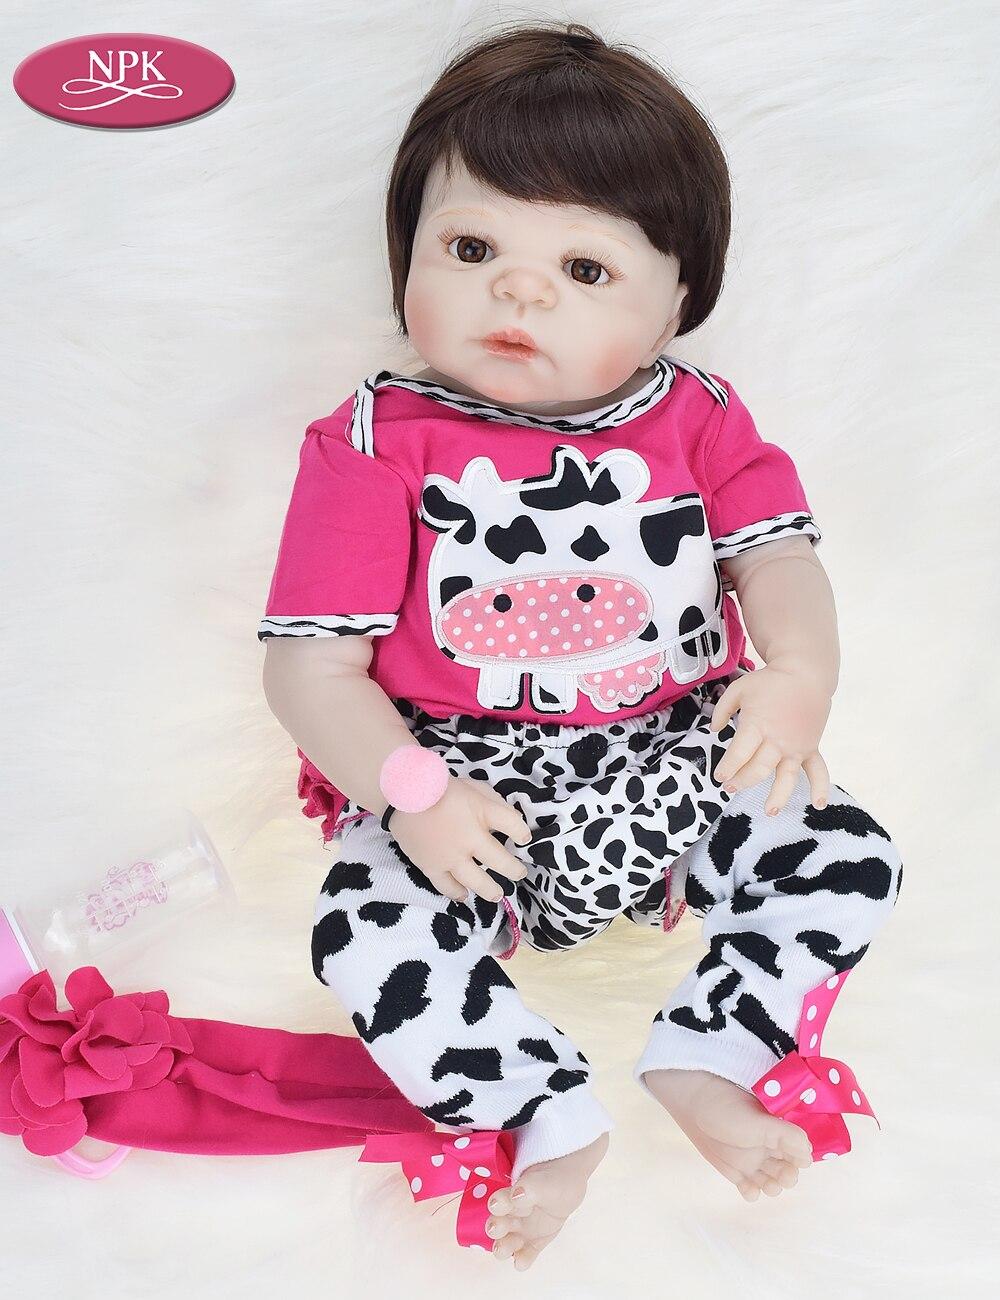 9d17b3a61 ... NPK Real 23inch Full Body Silicone Girl Bath Toys Reborn Baby DOll Toys  Lifelike Newborn Princess ...